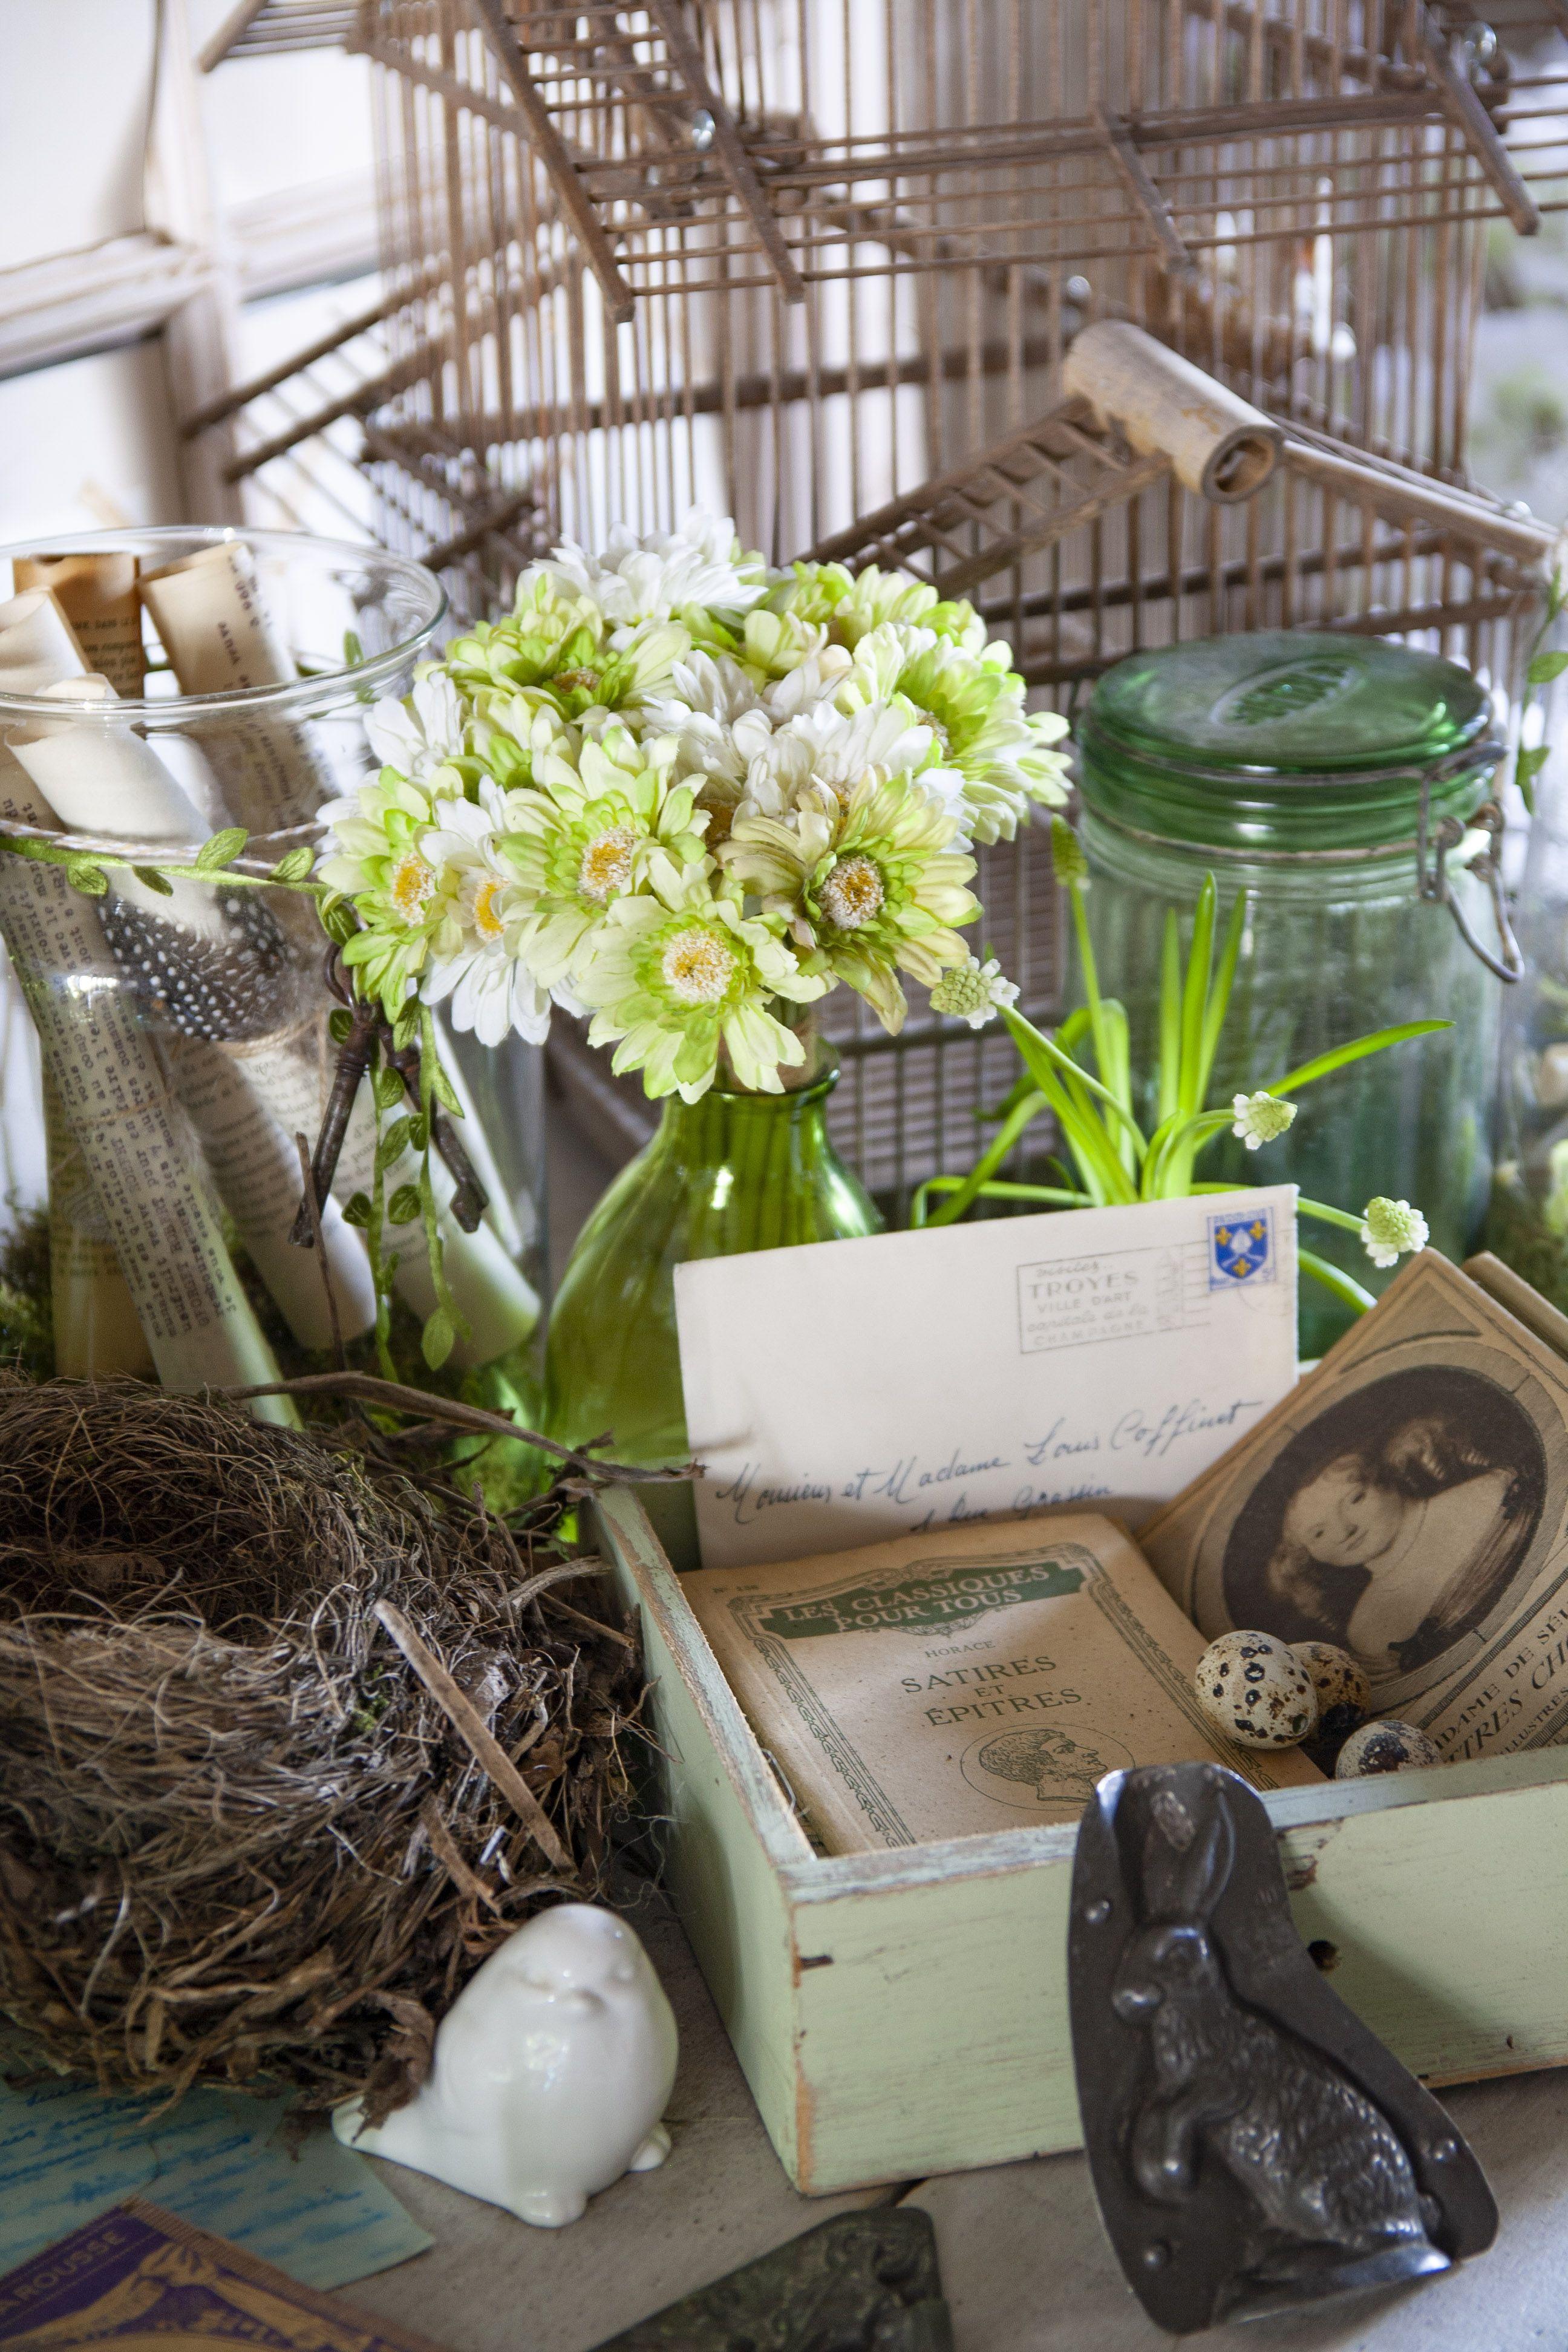 Evelyne Warchol Le Bonheur A La Campagne Guest House Chambres D Hotes Champagne Ardenne Printemps Spring Decor Easter Dec Deco Paques Decoration Deco